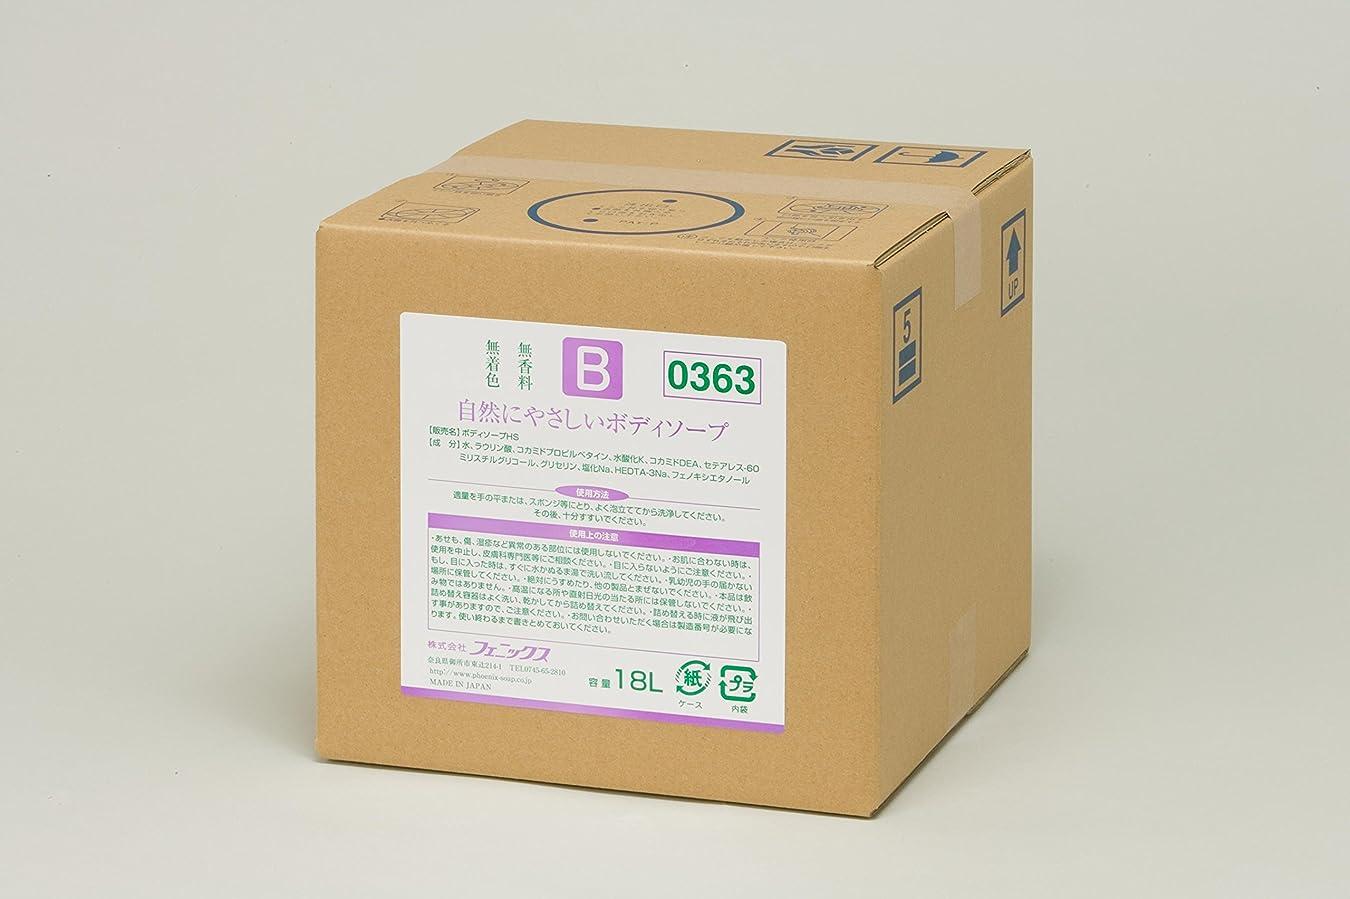 マイク独立消毒剤自然にやさしいボディソープ / 00090363 18L 1缶